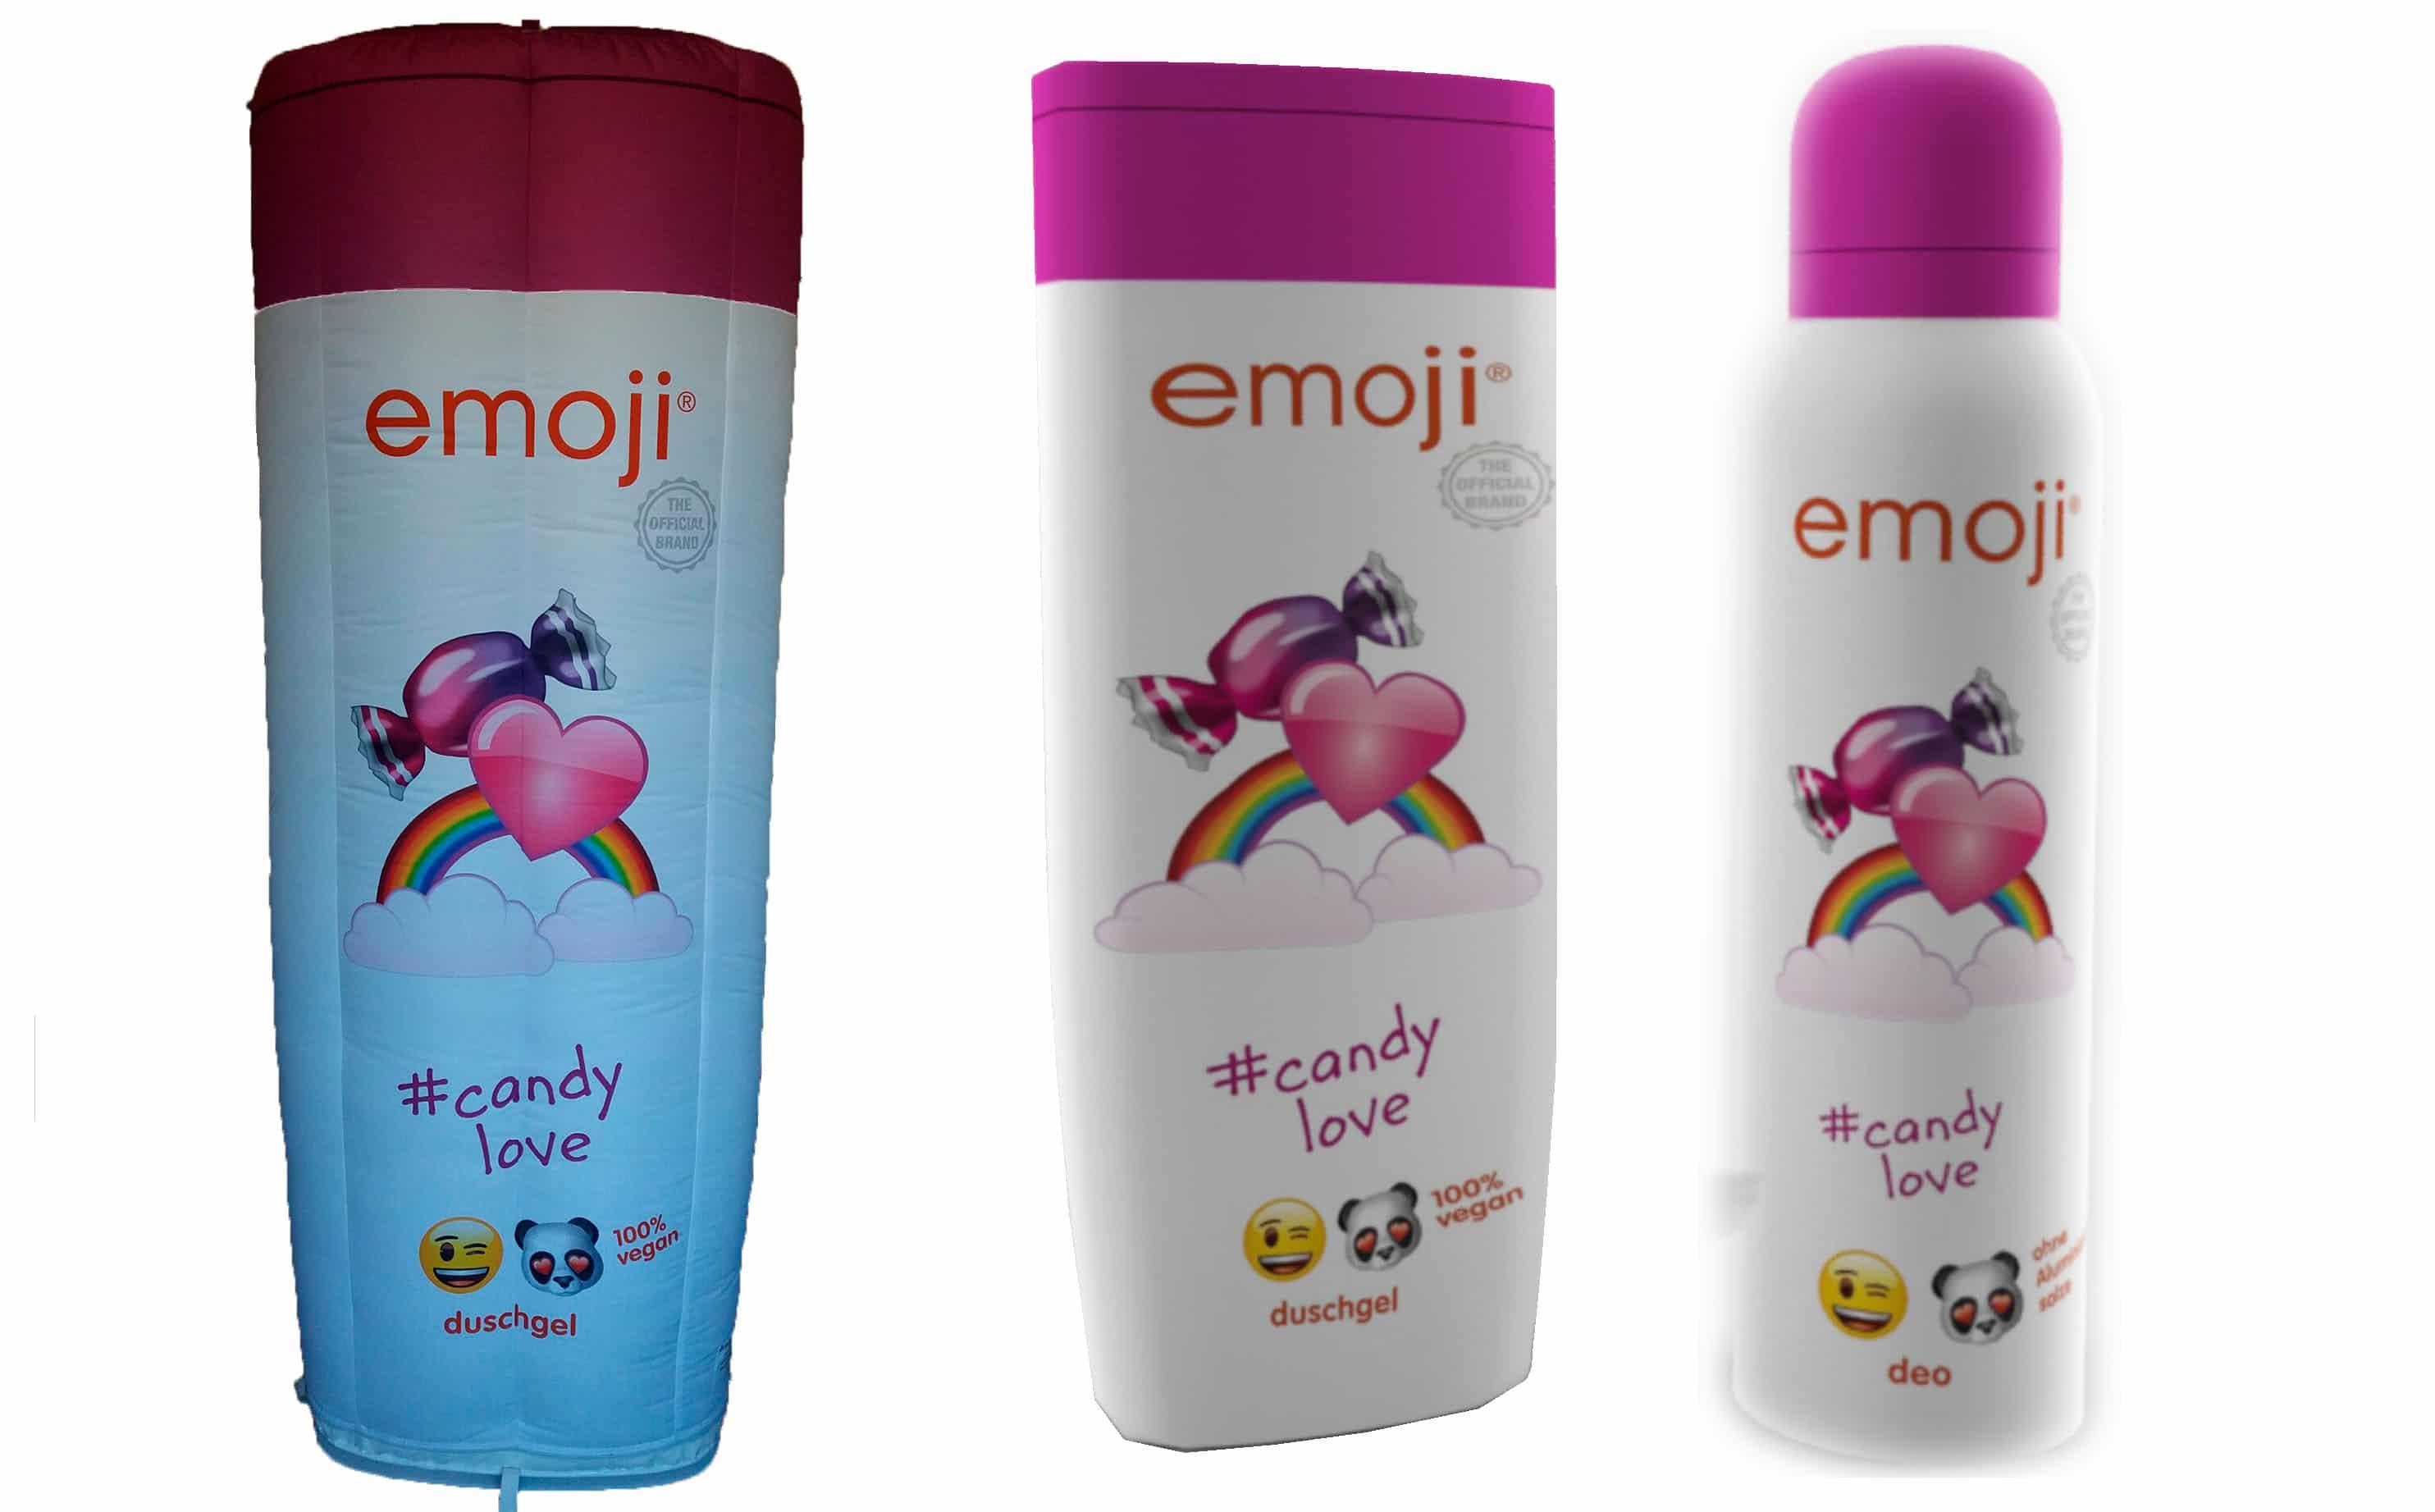 emoji-duschgel-deo-aufblasbar